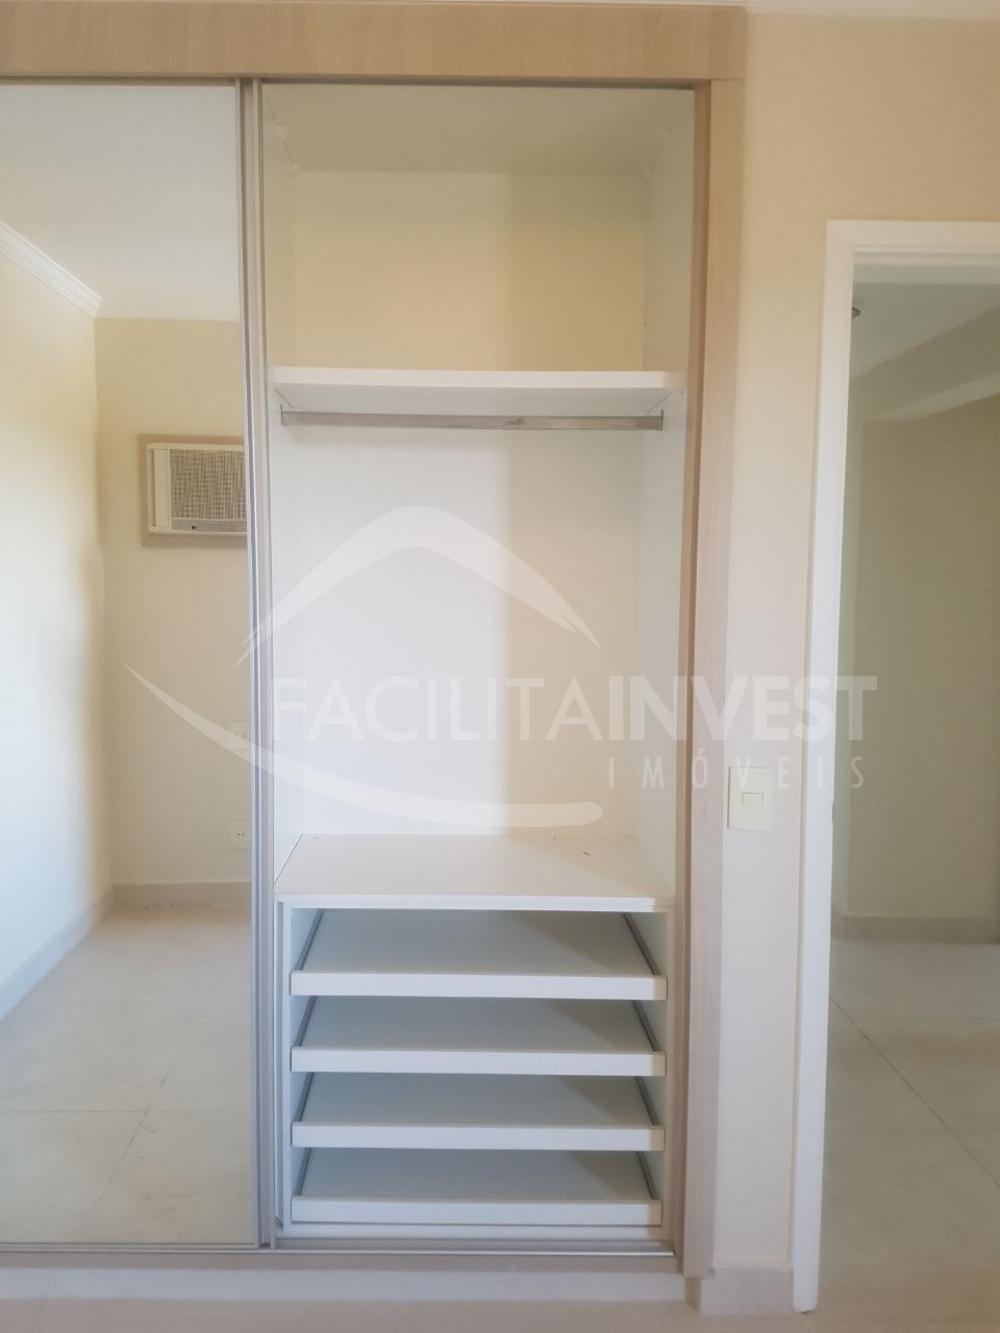 Comprar Apartamentos / Apart. Padrão em Ribeirão Preto apenas R$ 400.000,00 - Foto 11